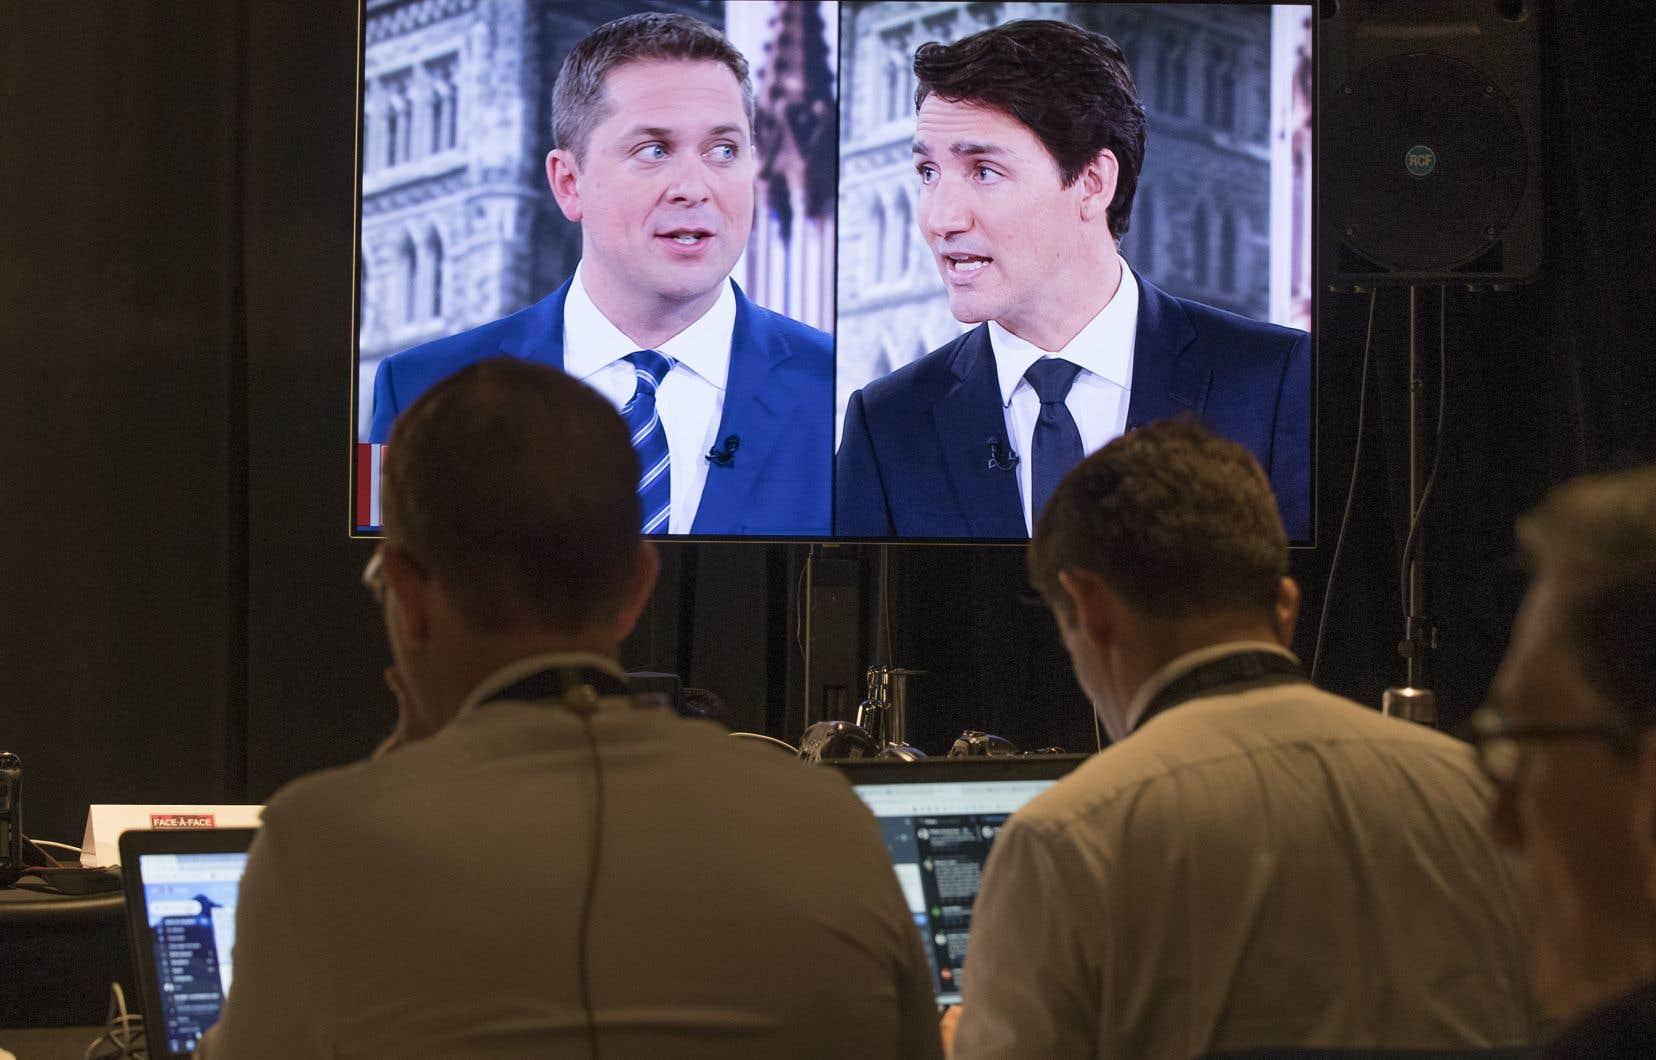 Le chef libéral, Justin Trudeau, ne prendra pas de mesures disciplinaires contre son candidat Jaime Battiste, même s'il juge «inacceptables» ses commentaires. Le chef conservateur, Andrew Scheer, a de son côté rompu les liens avec sa candidate Heather Leung après la mise au jour des convictions homophobes de celle-ci.